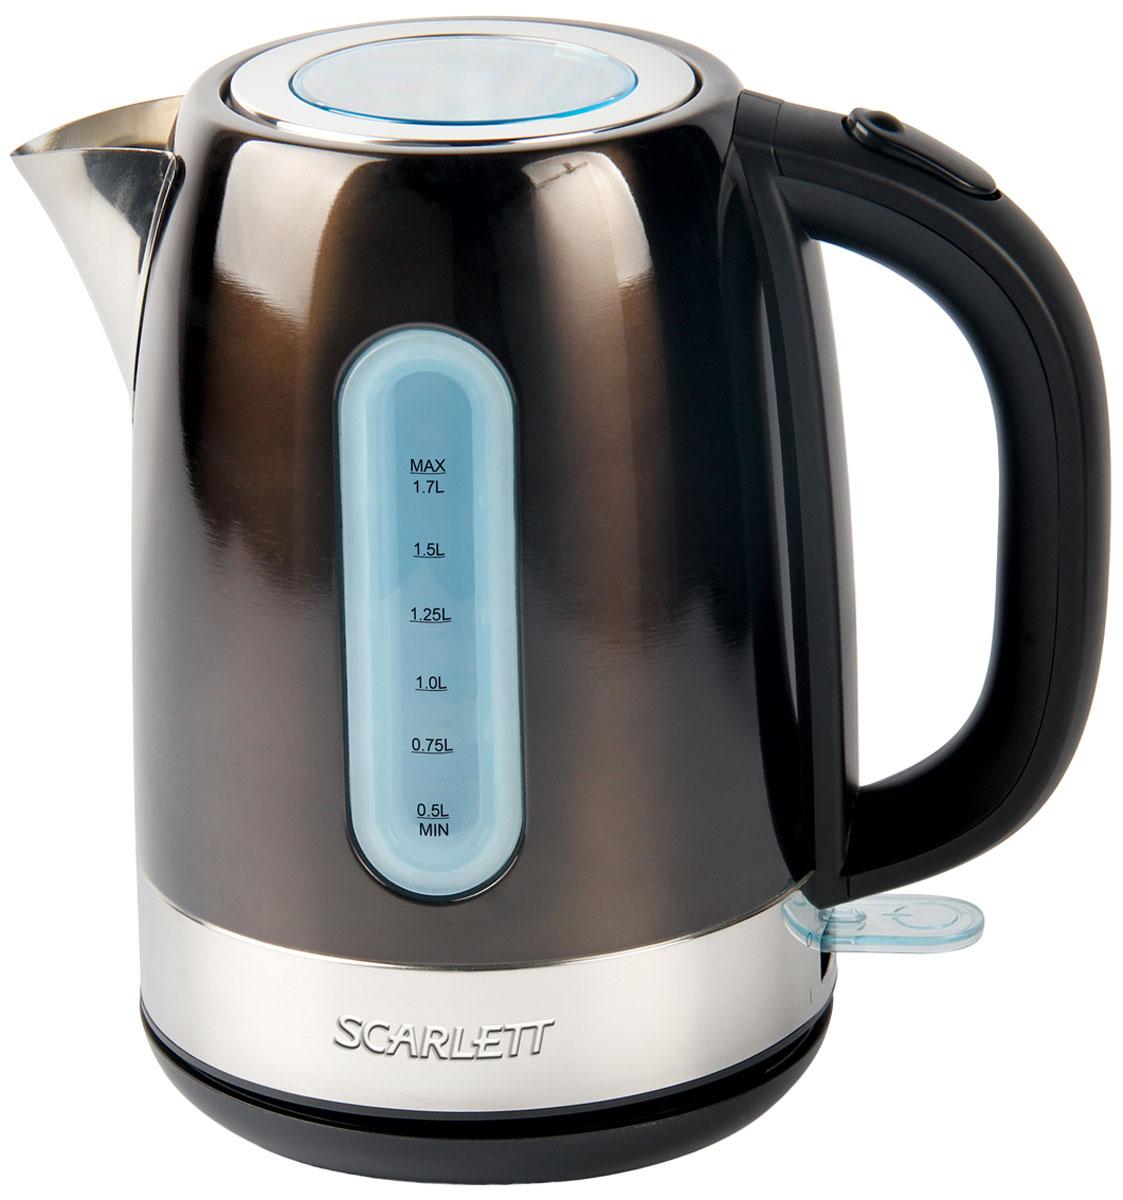 Scarlett SC-EK21S39, Dark Olive электрический чайникSC-EK21S39Электрический чайник Scarlett SC-EK21S39 кипятит воду быстро, чтобы сэкономить ваше время.Корпус из высококачественной матовой нержавеющей стали сохраняет природные свойства воды.Применение современных материалов обеспечивает долговечность и высокие потребительские качества.Резервуар изделия имеет хорошую вместительность - его объём составляет 1,7 литра. Высокая мощность - 2200 Вт - обеспечивает хорошую скорость закипания.Большое смотровое окно в крышке разработано для контроля процесса кипячения.